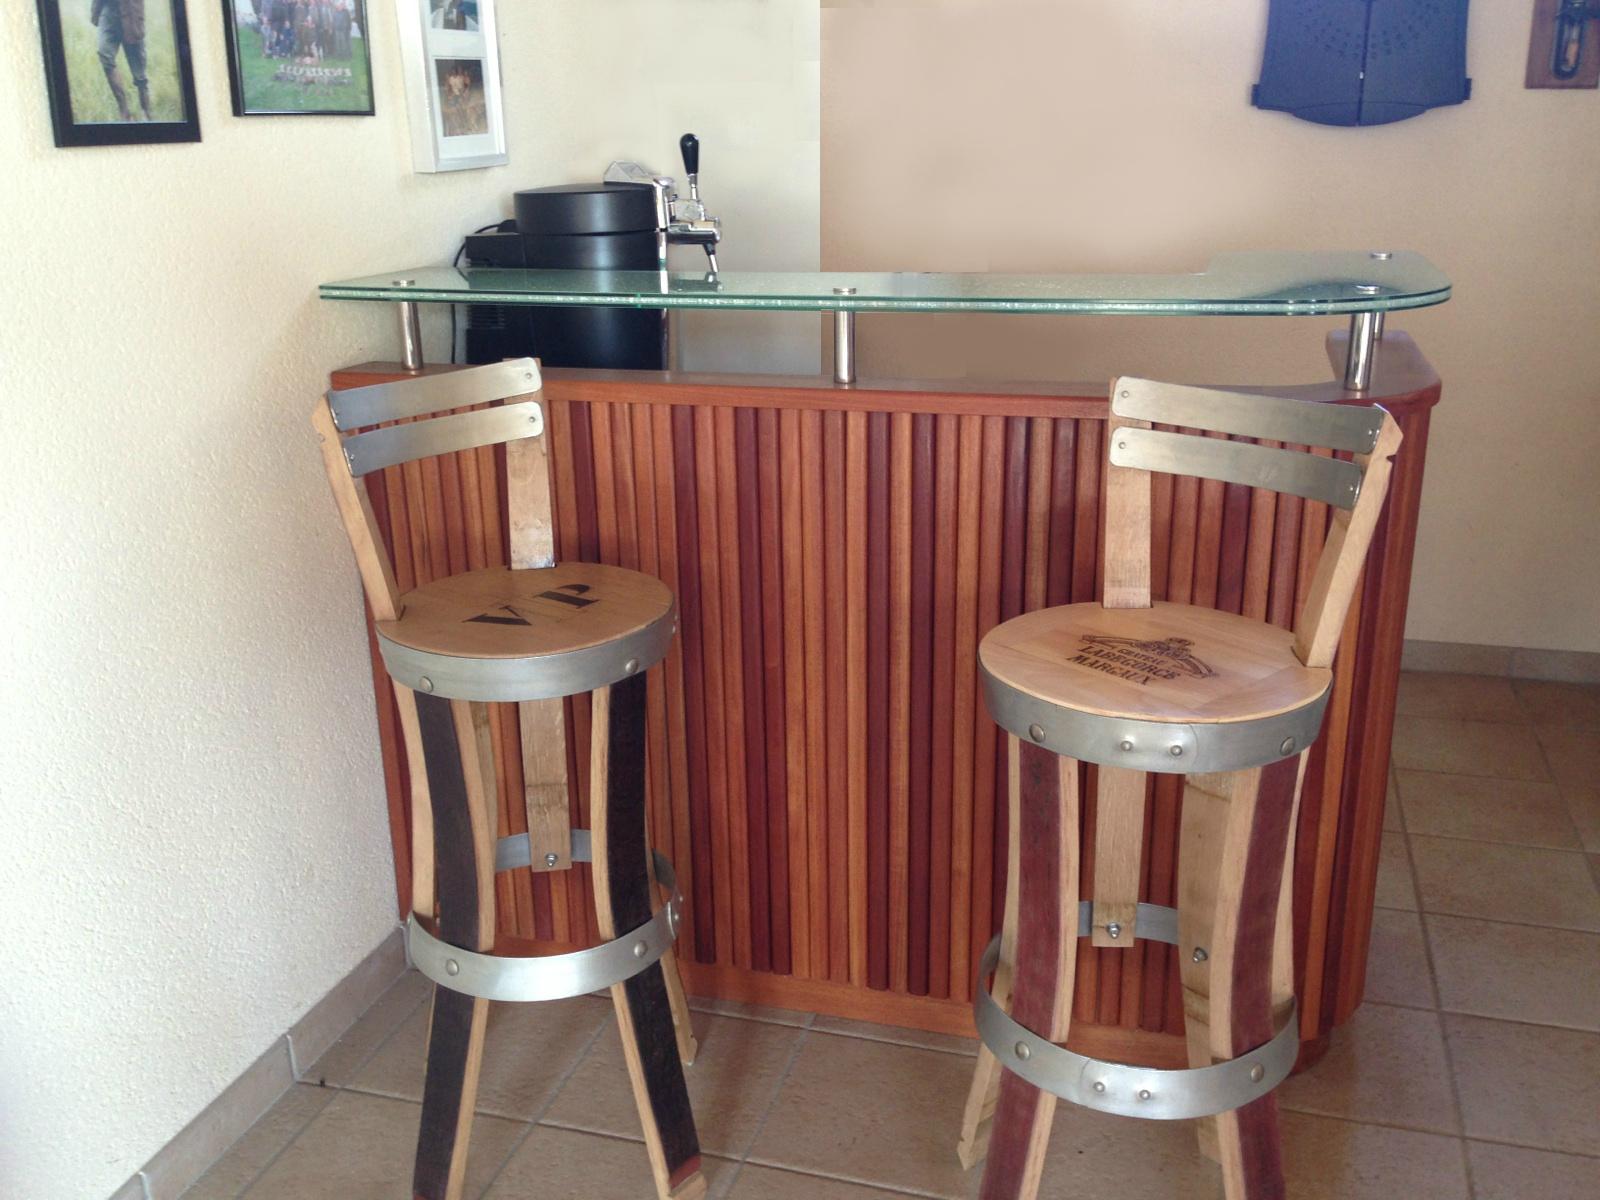 Chaises et tabouret de bar chaises haute de cuisine douelledereve for Tabouret chaise haute cuisine